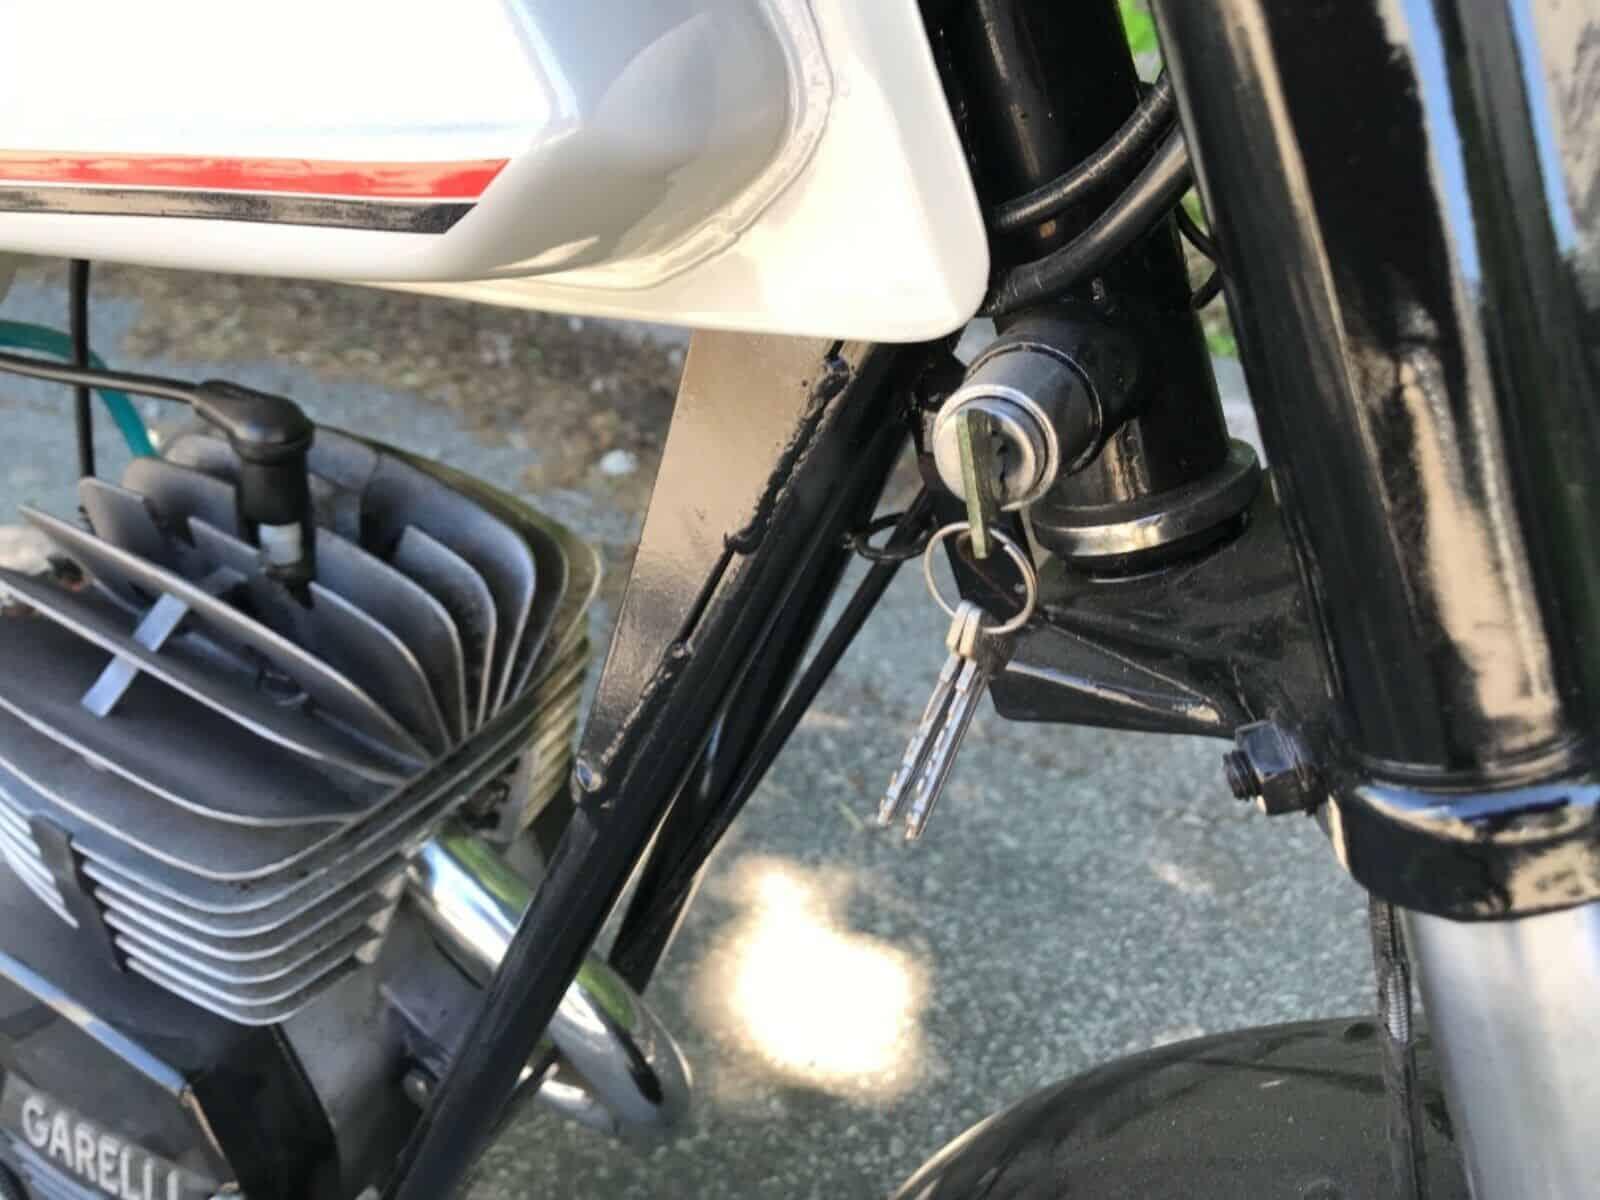 GARELLI JUNIOR TURISMO 50cc 1977